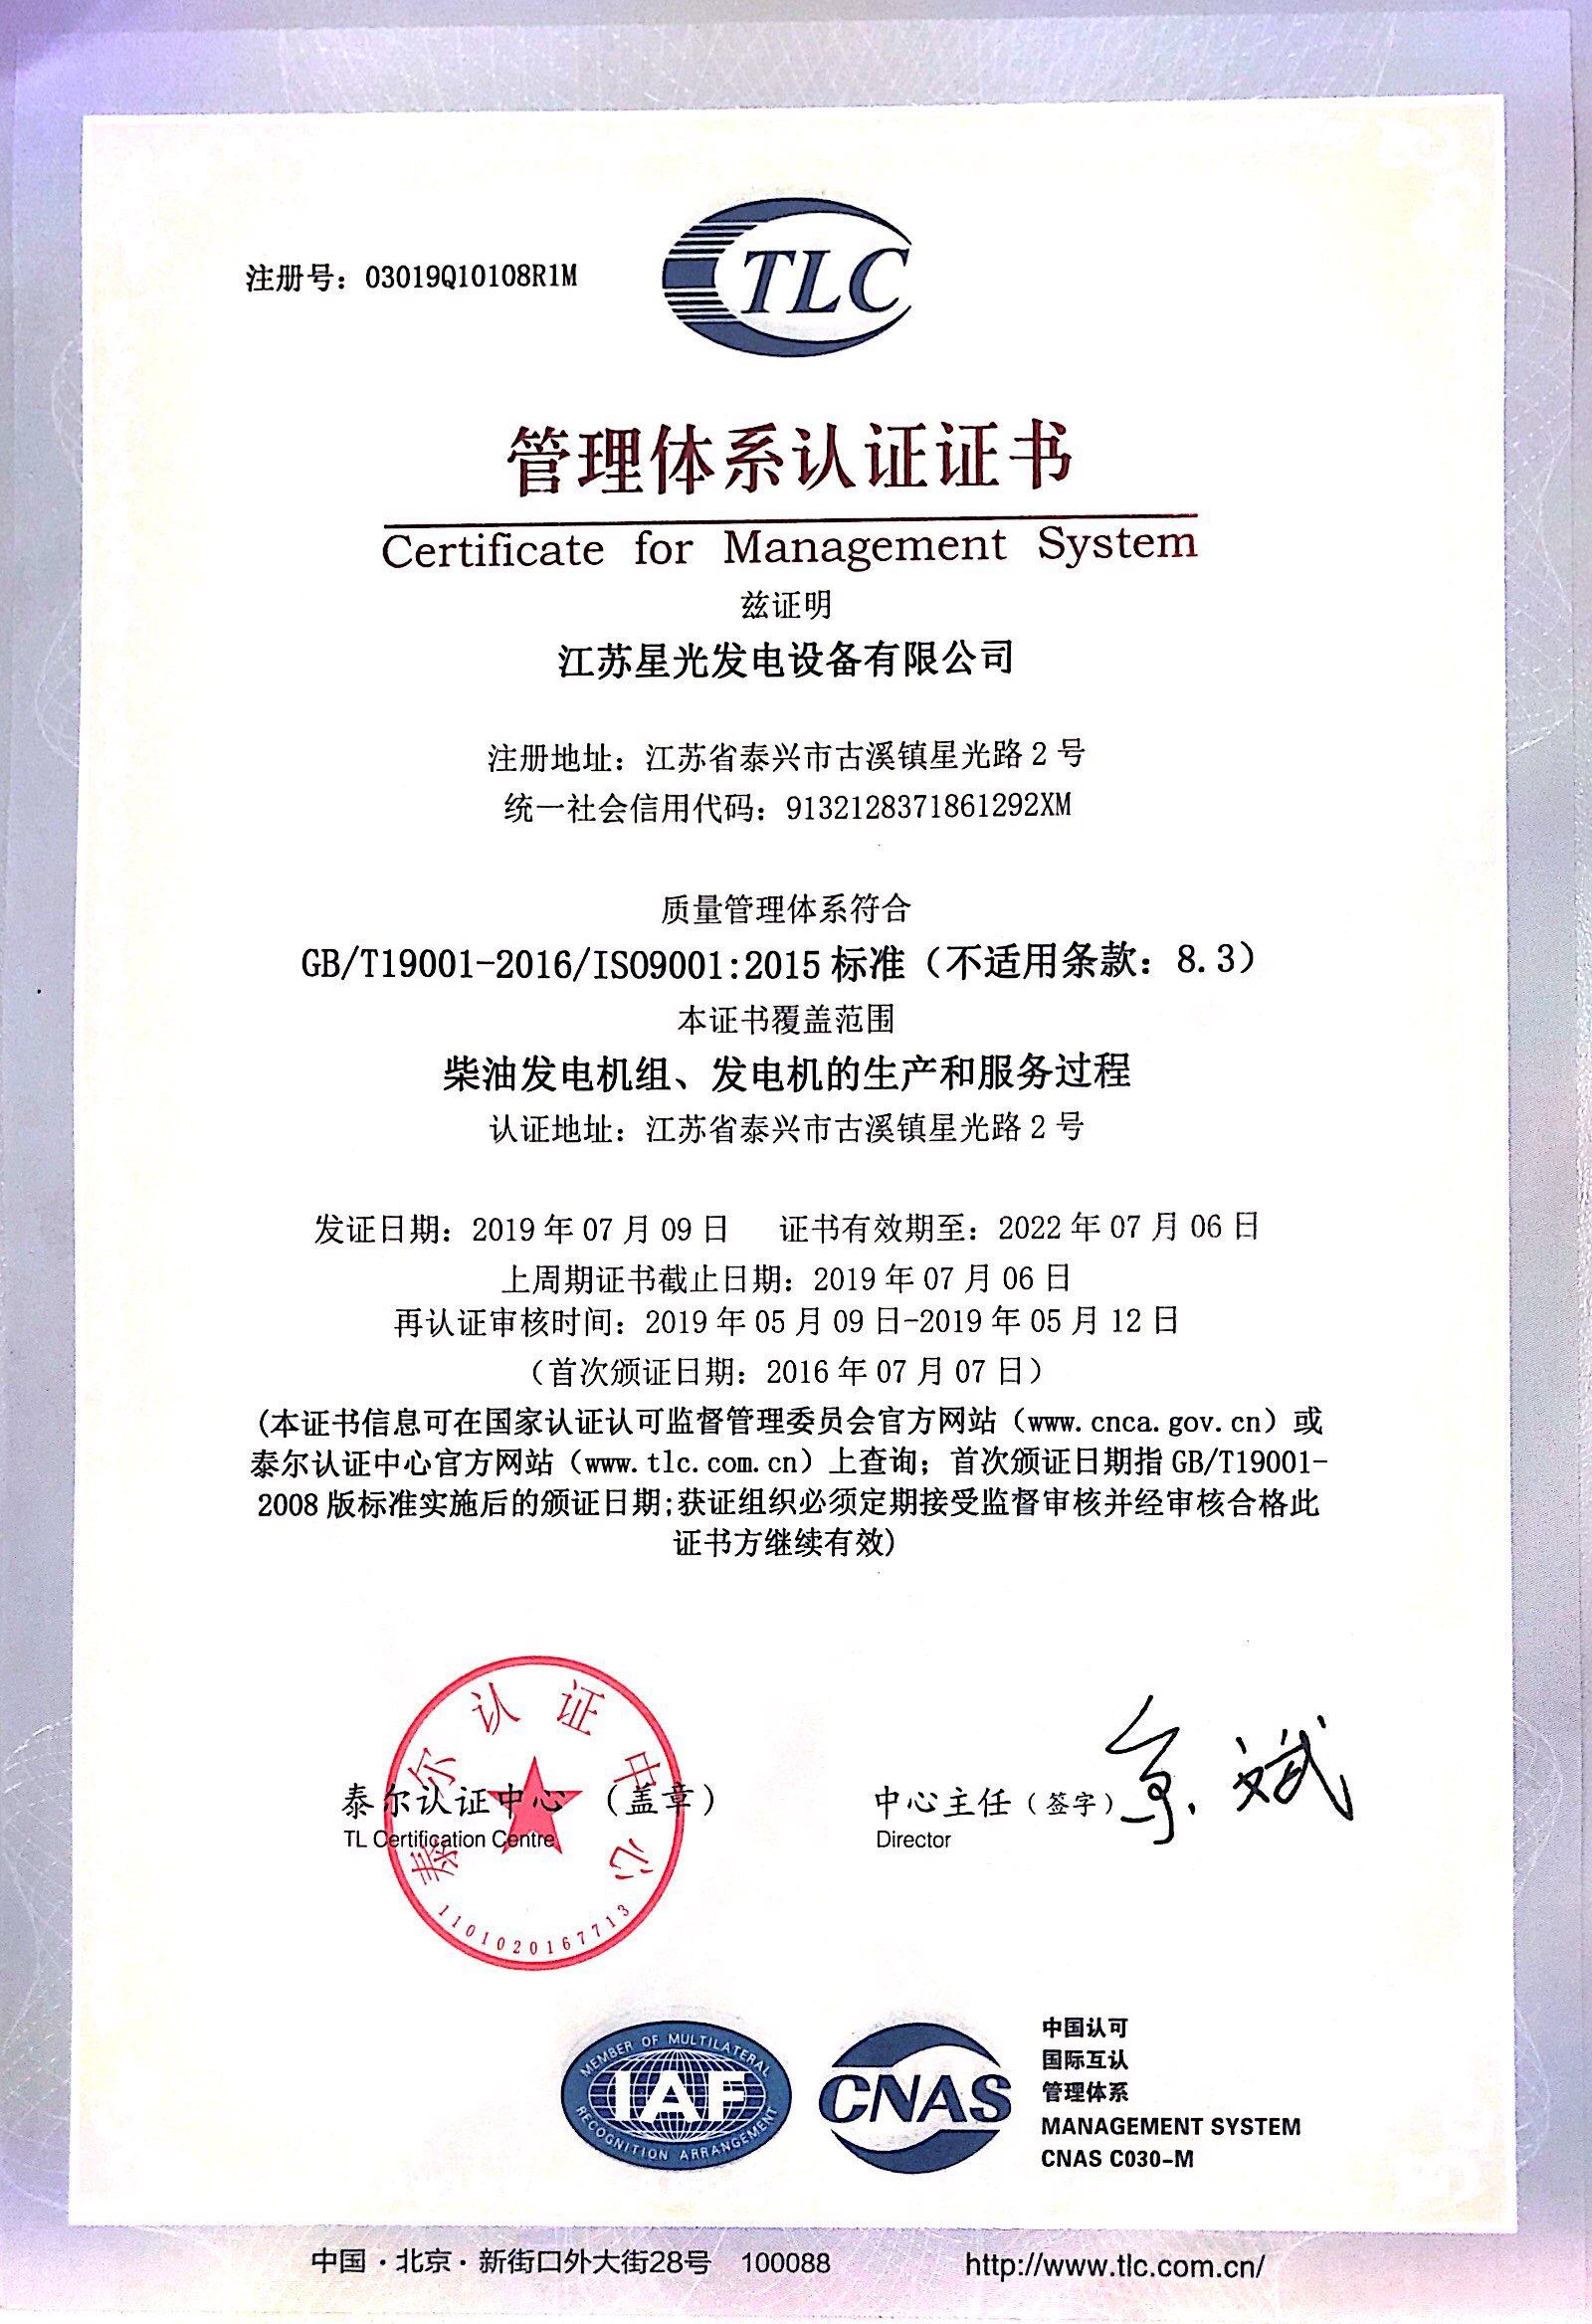 永利管理体系认证证书